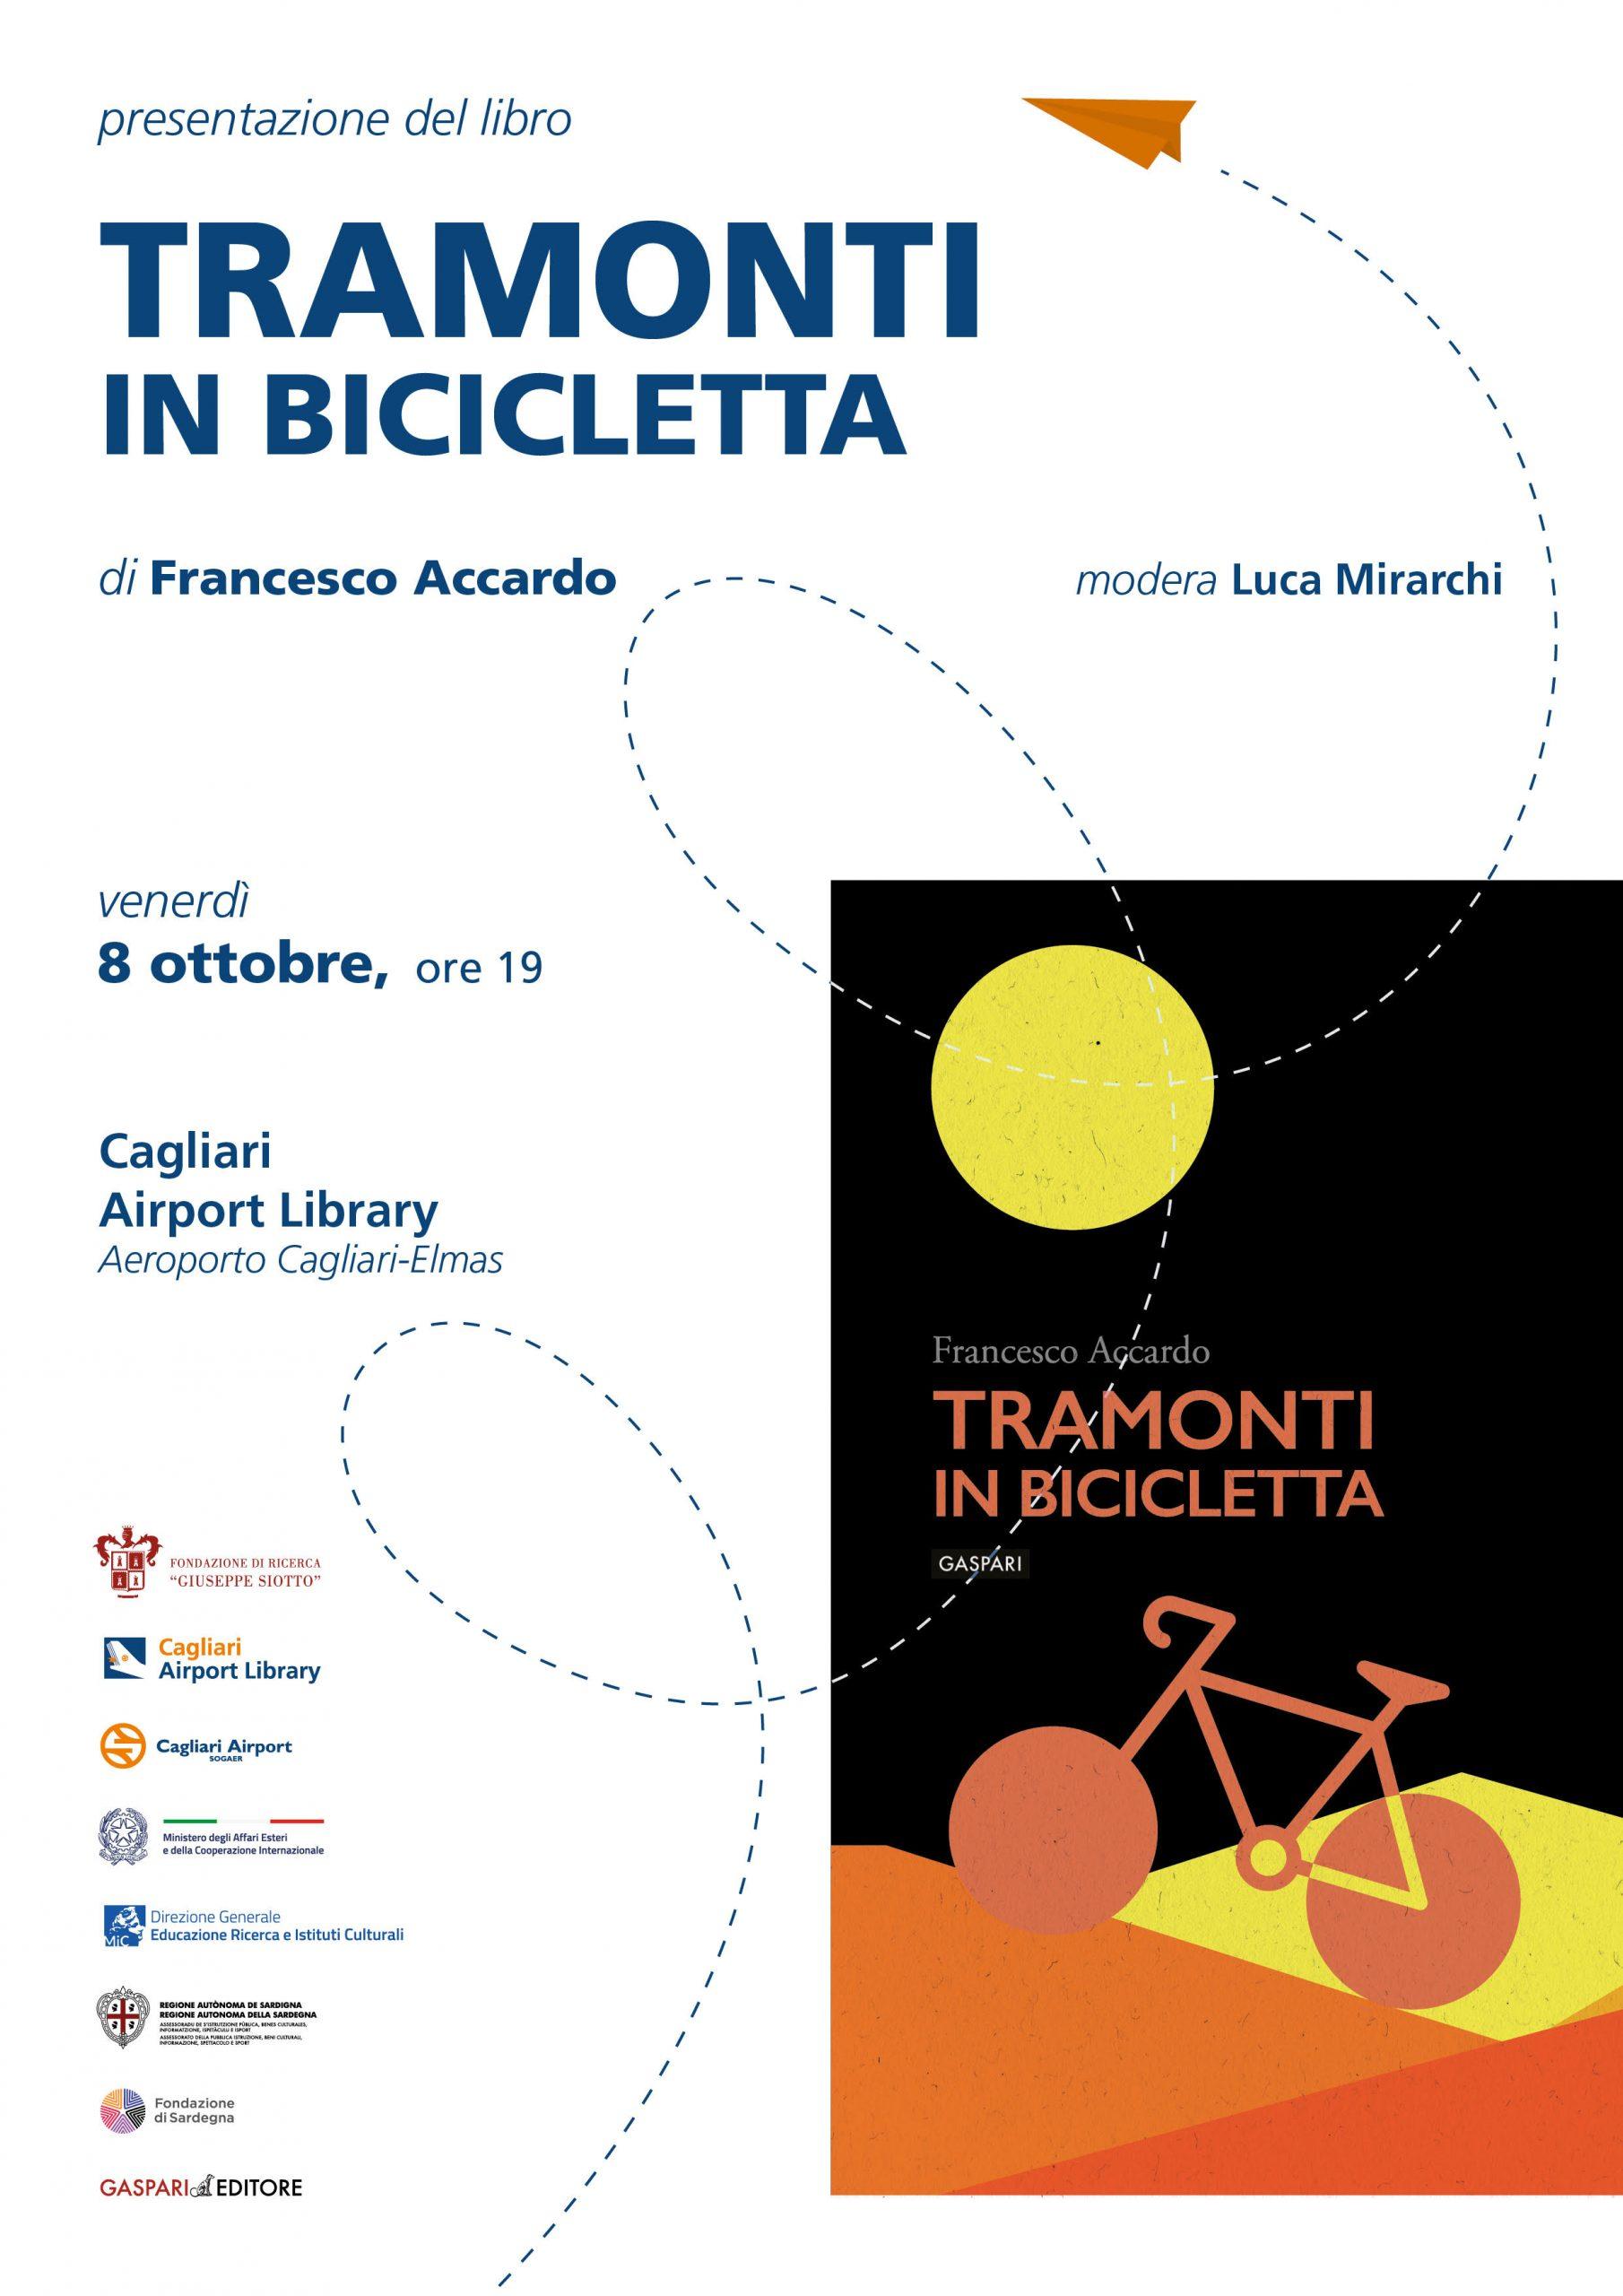 Presentazione del libro 'Tramonti in bicicletta'